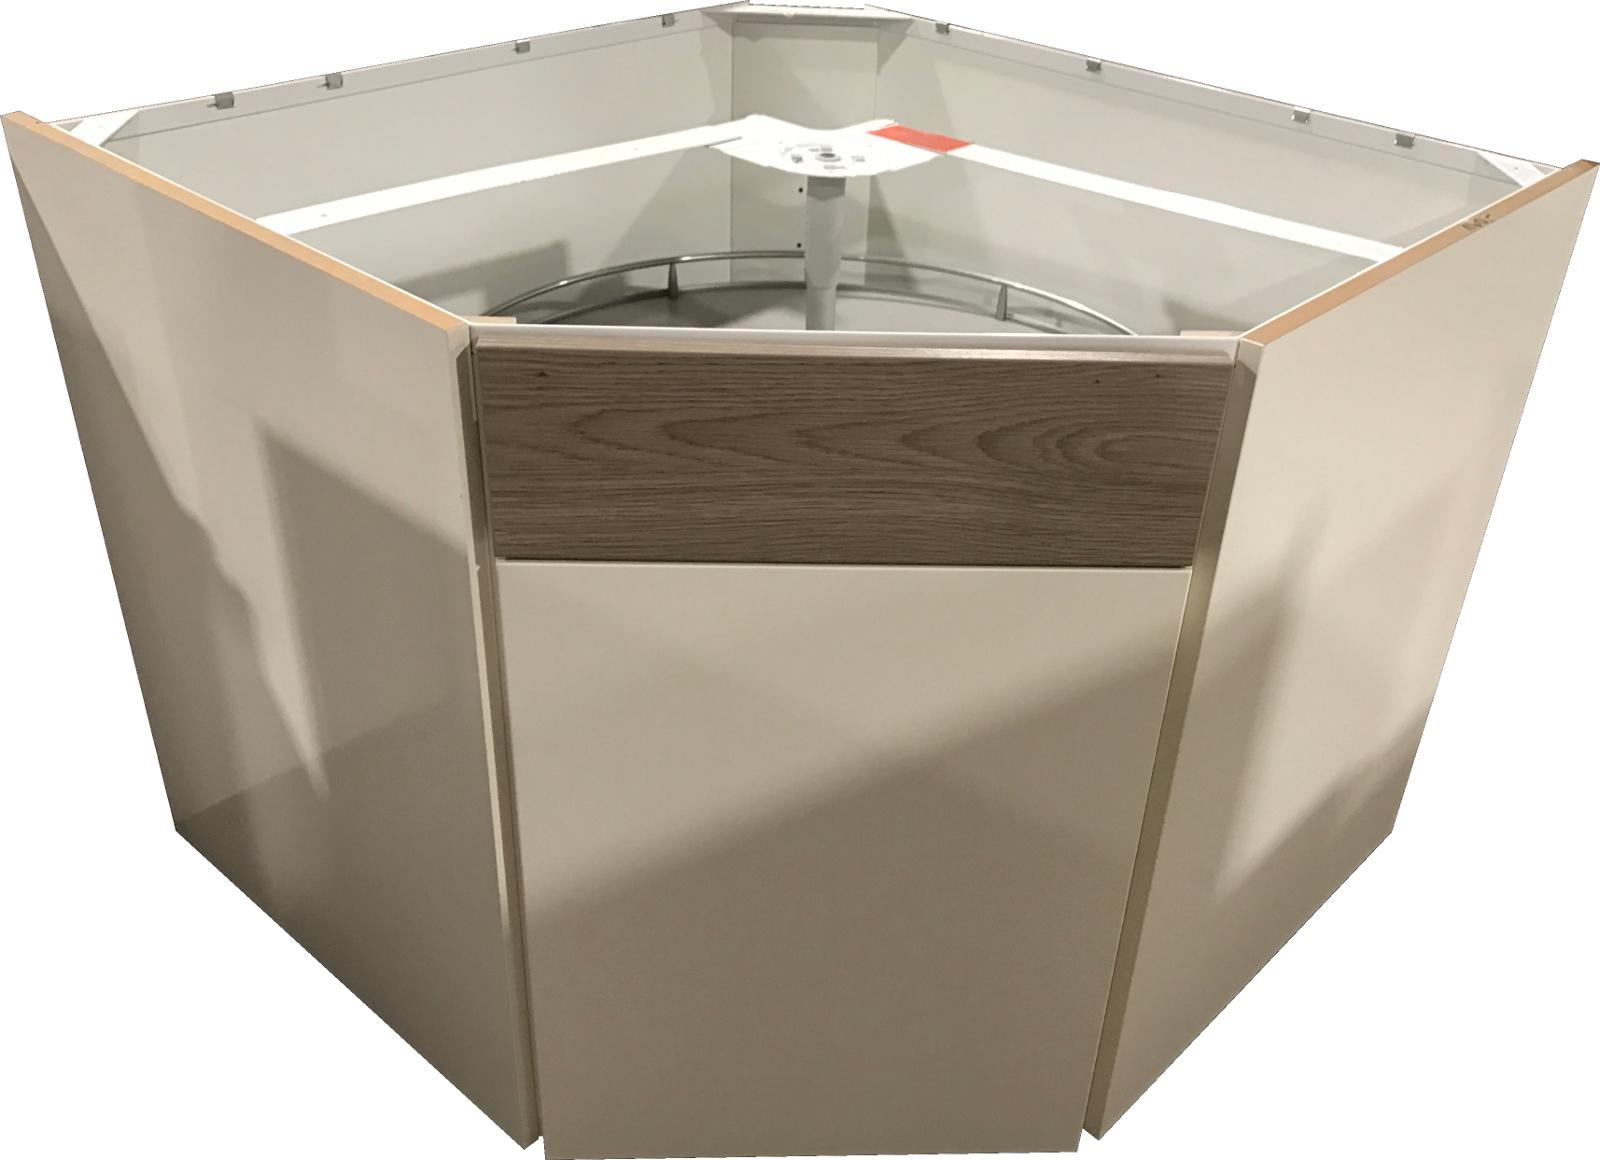 diagonal eckschrank mit einer t r drehkarussell magnolia hochglanz splinteiche ebay. Black Bedroom Furniture Sets. Home Design Ideas